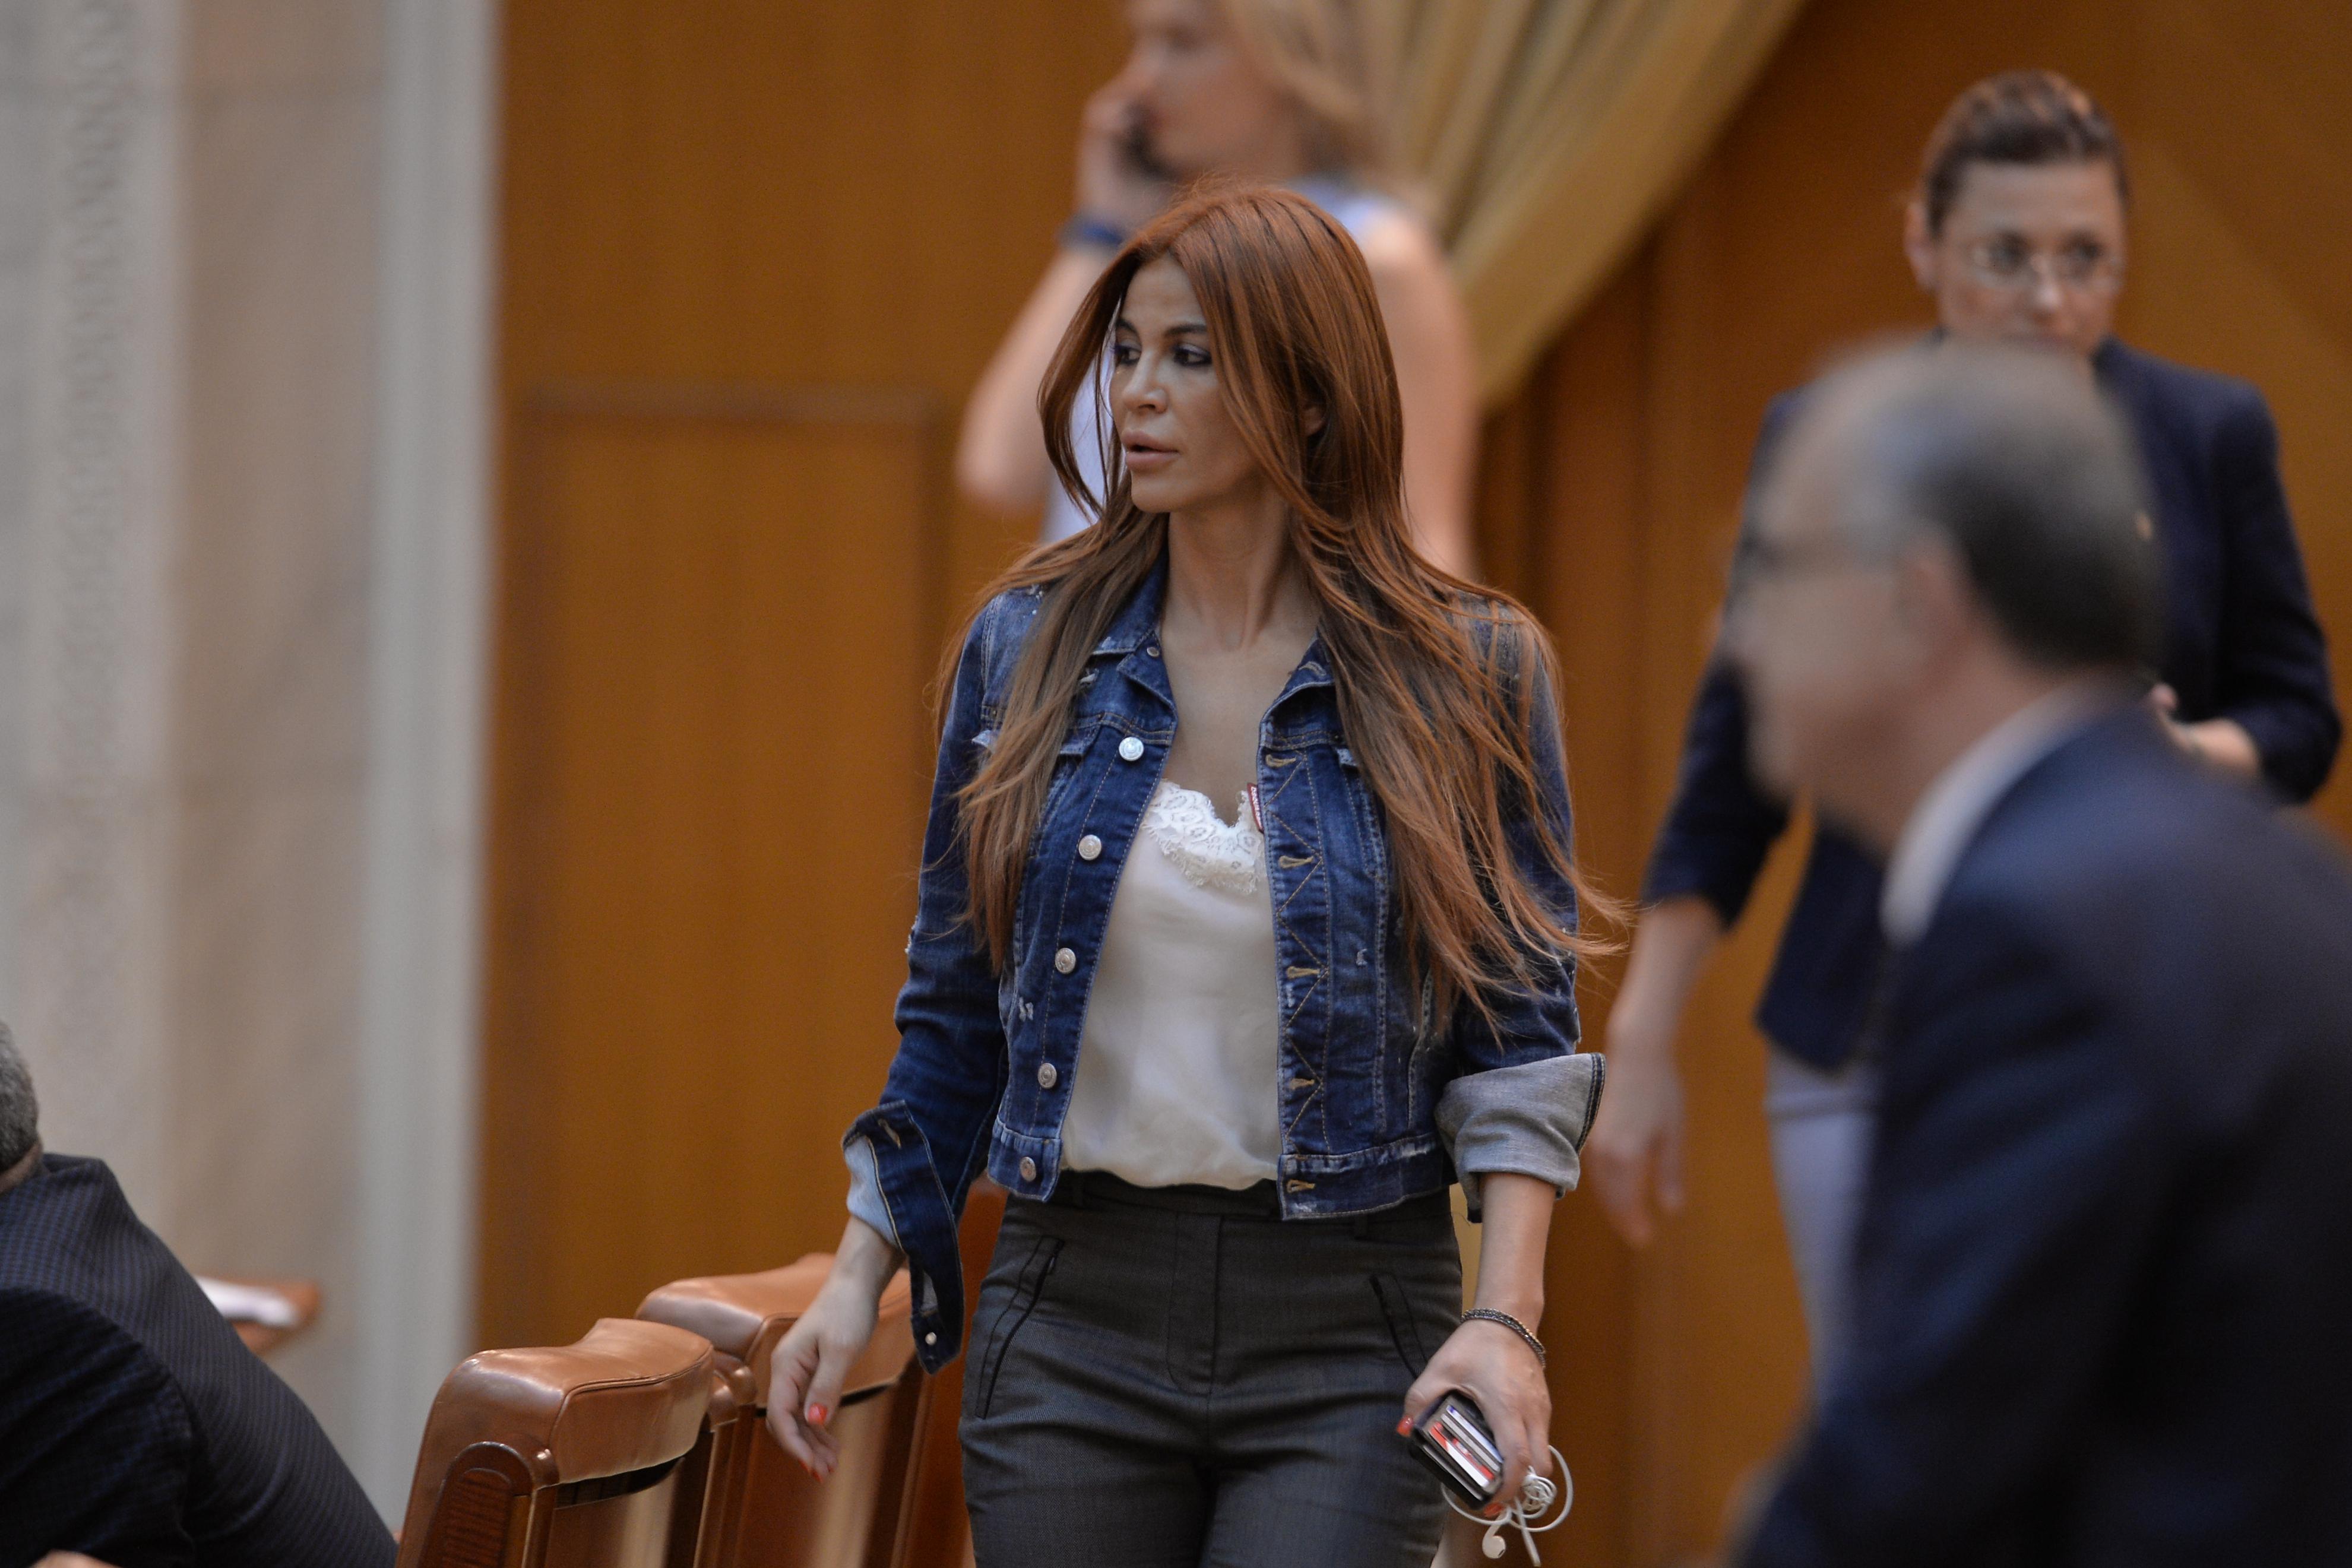 Deputatul Andreea Cosma, despre `abuzurile de la Prahova` : Voi face plângere penală privind situaţia mea; aştept raportul Comisiei SRI